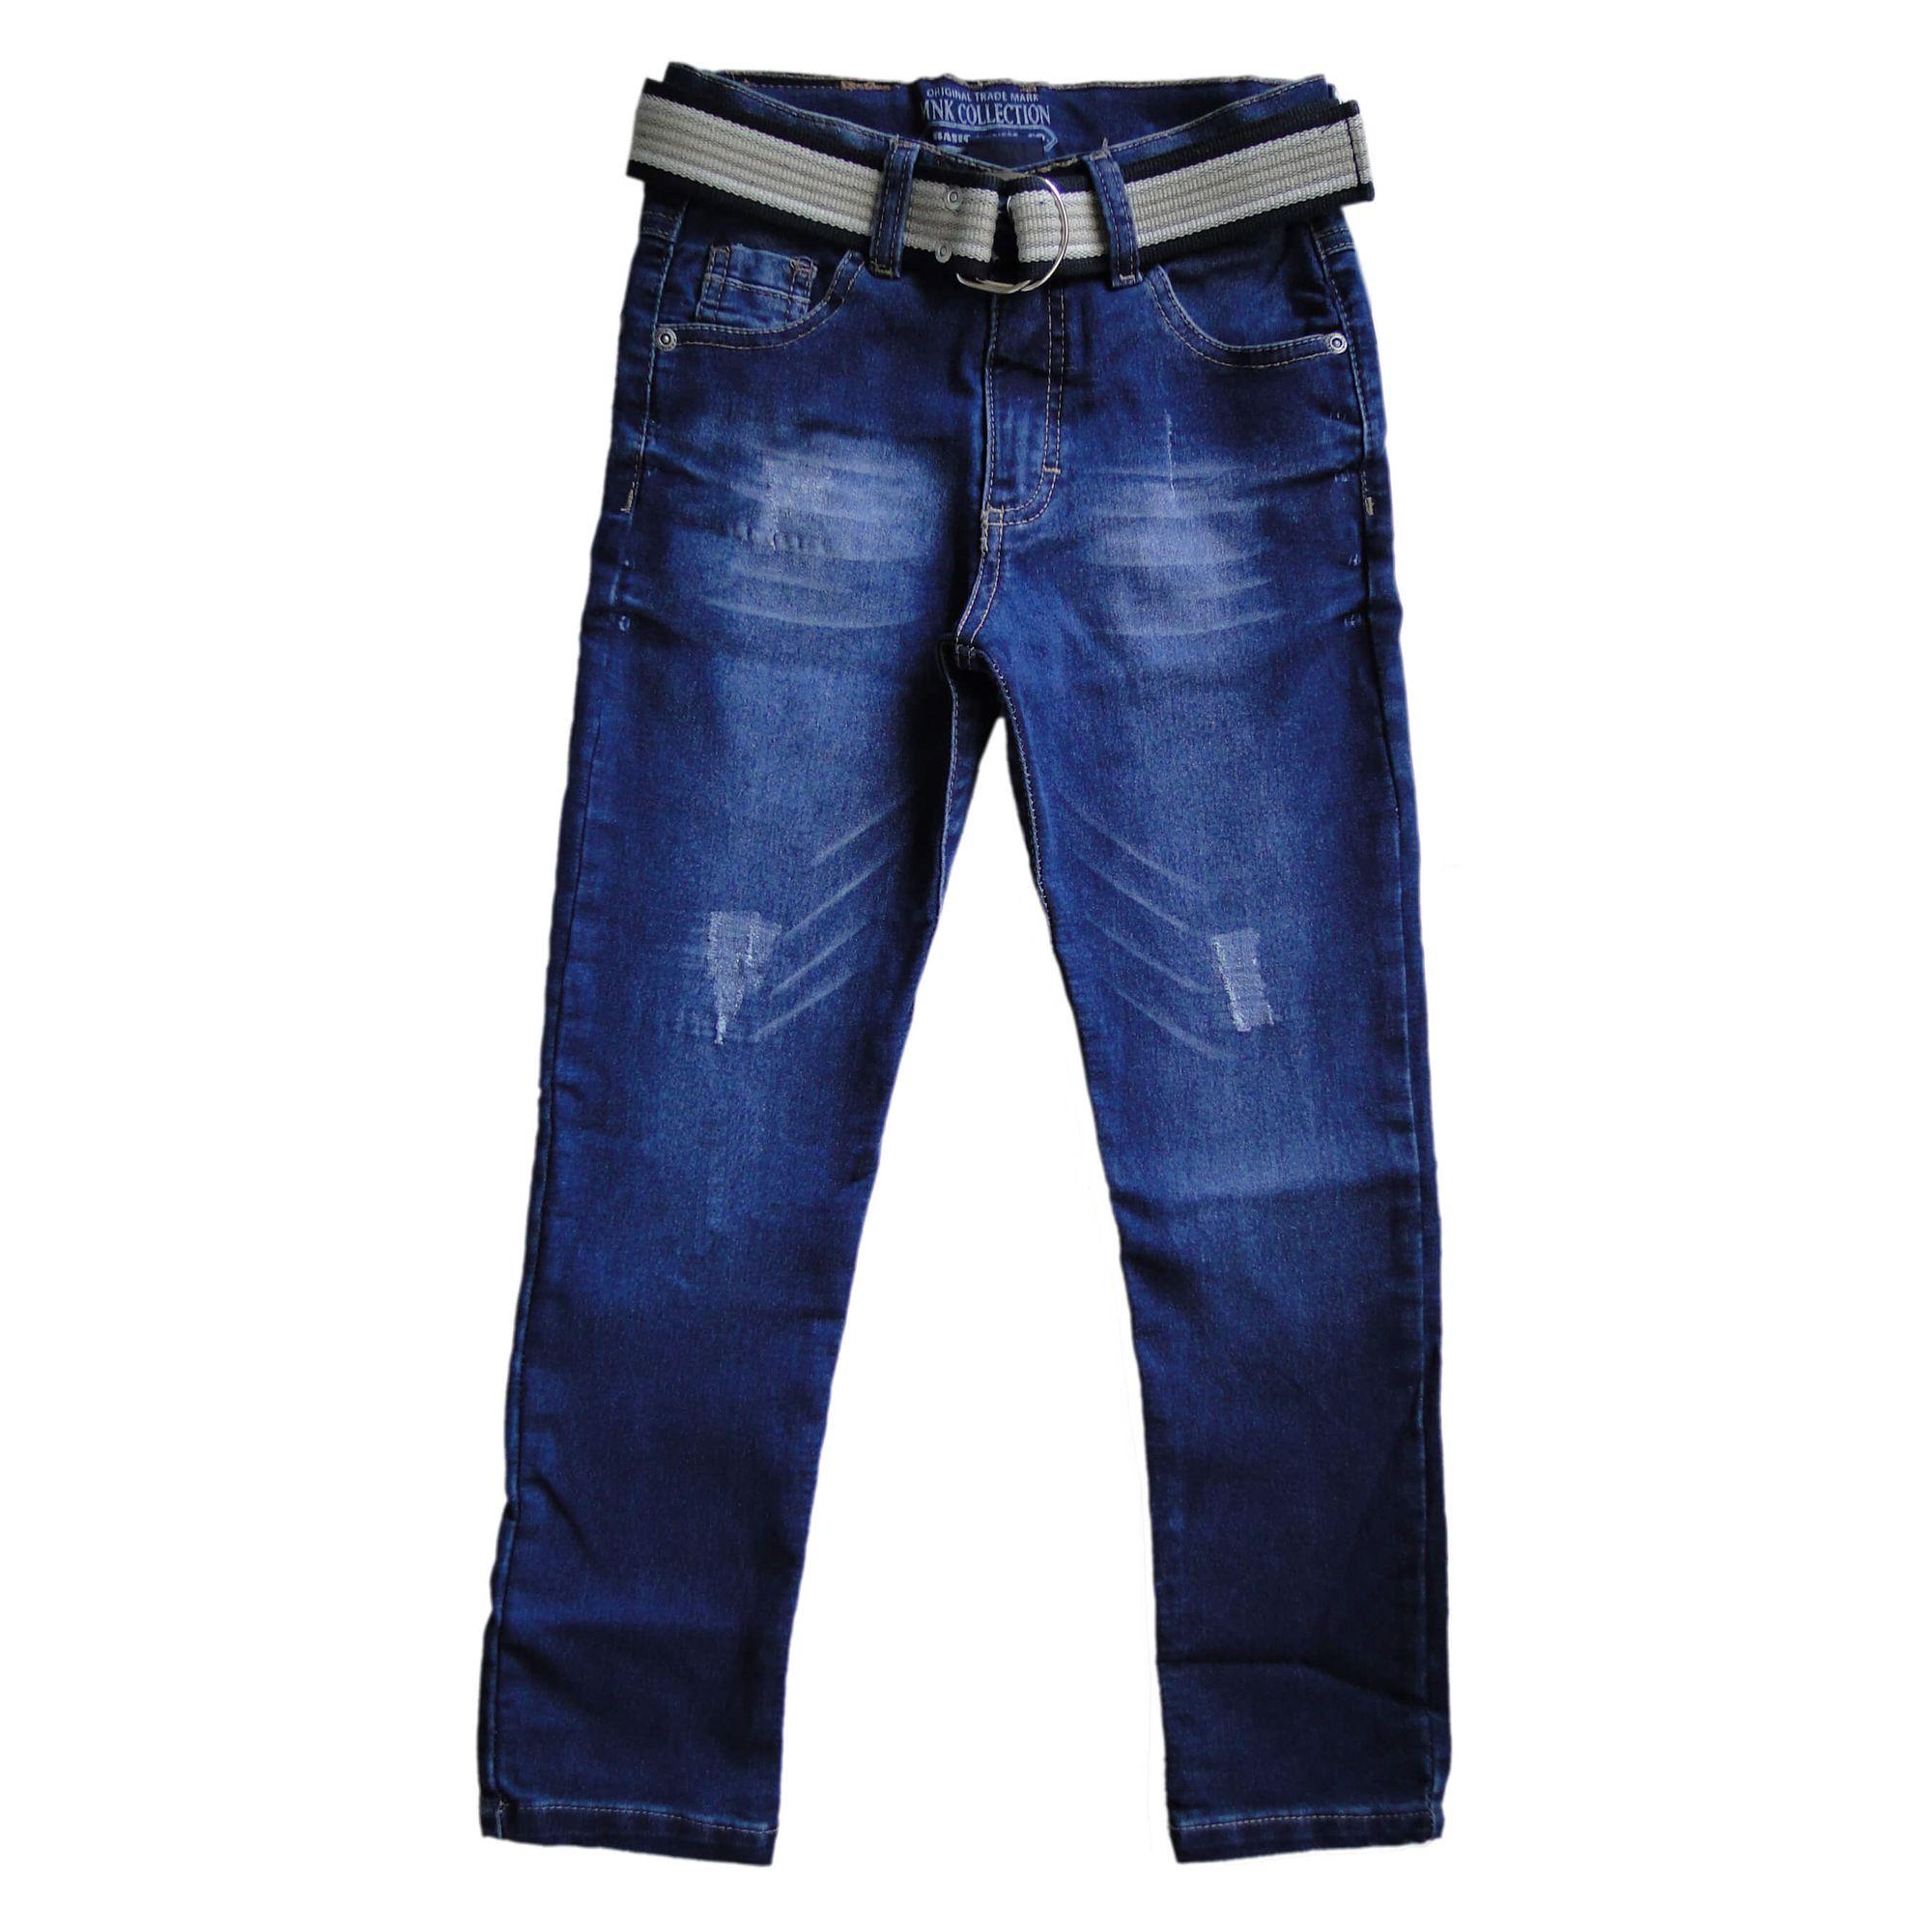 calca-menino-jeans-skinny-com-cinto-preto-e-cru